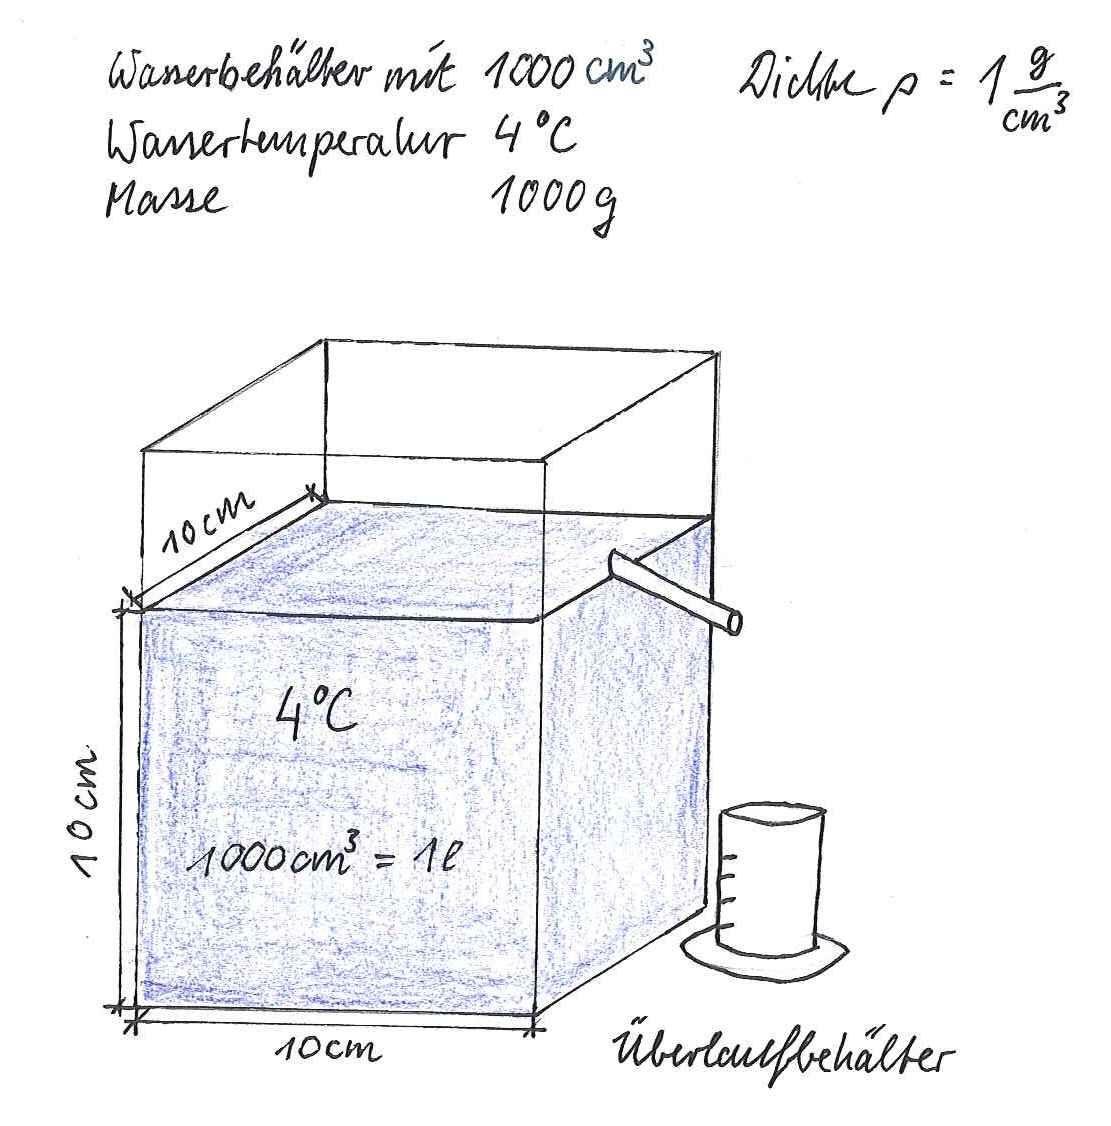 Dichte Des Wassers Betragt Bei 4 C 1 G Cm Das Hei T